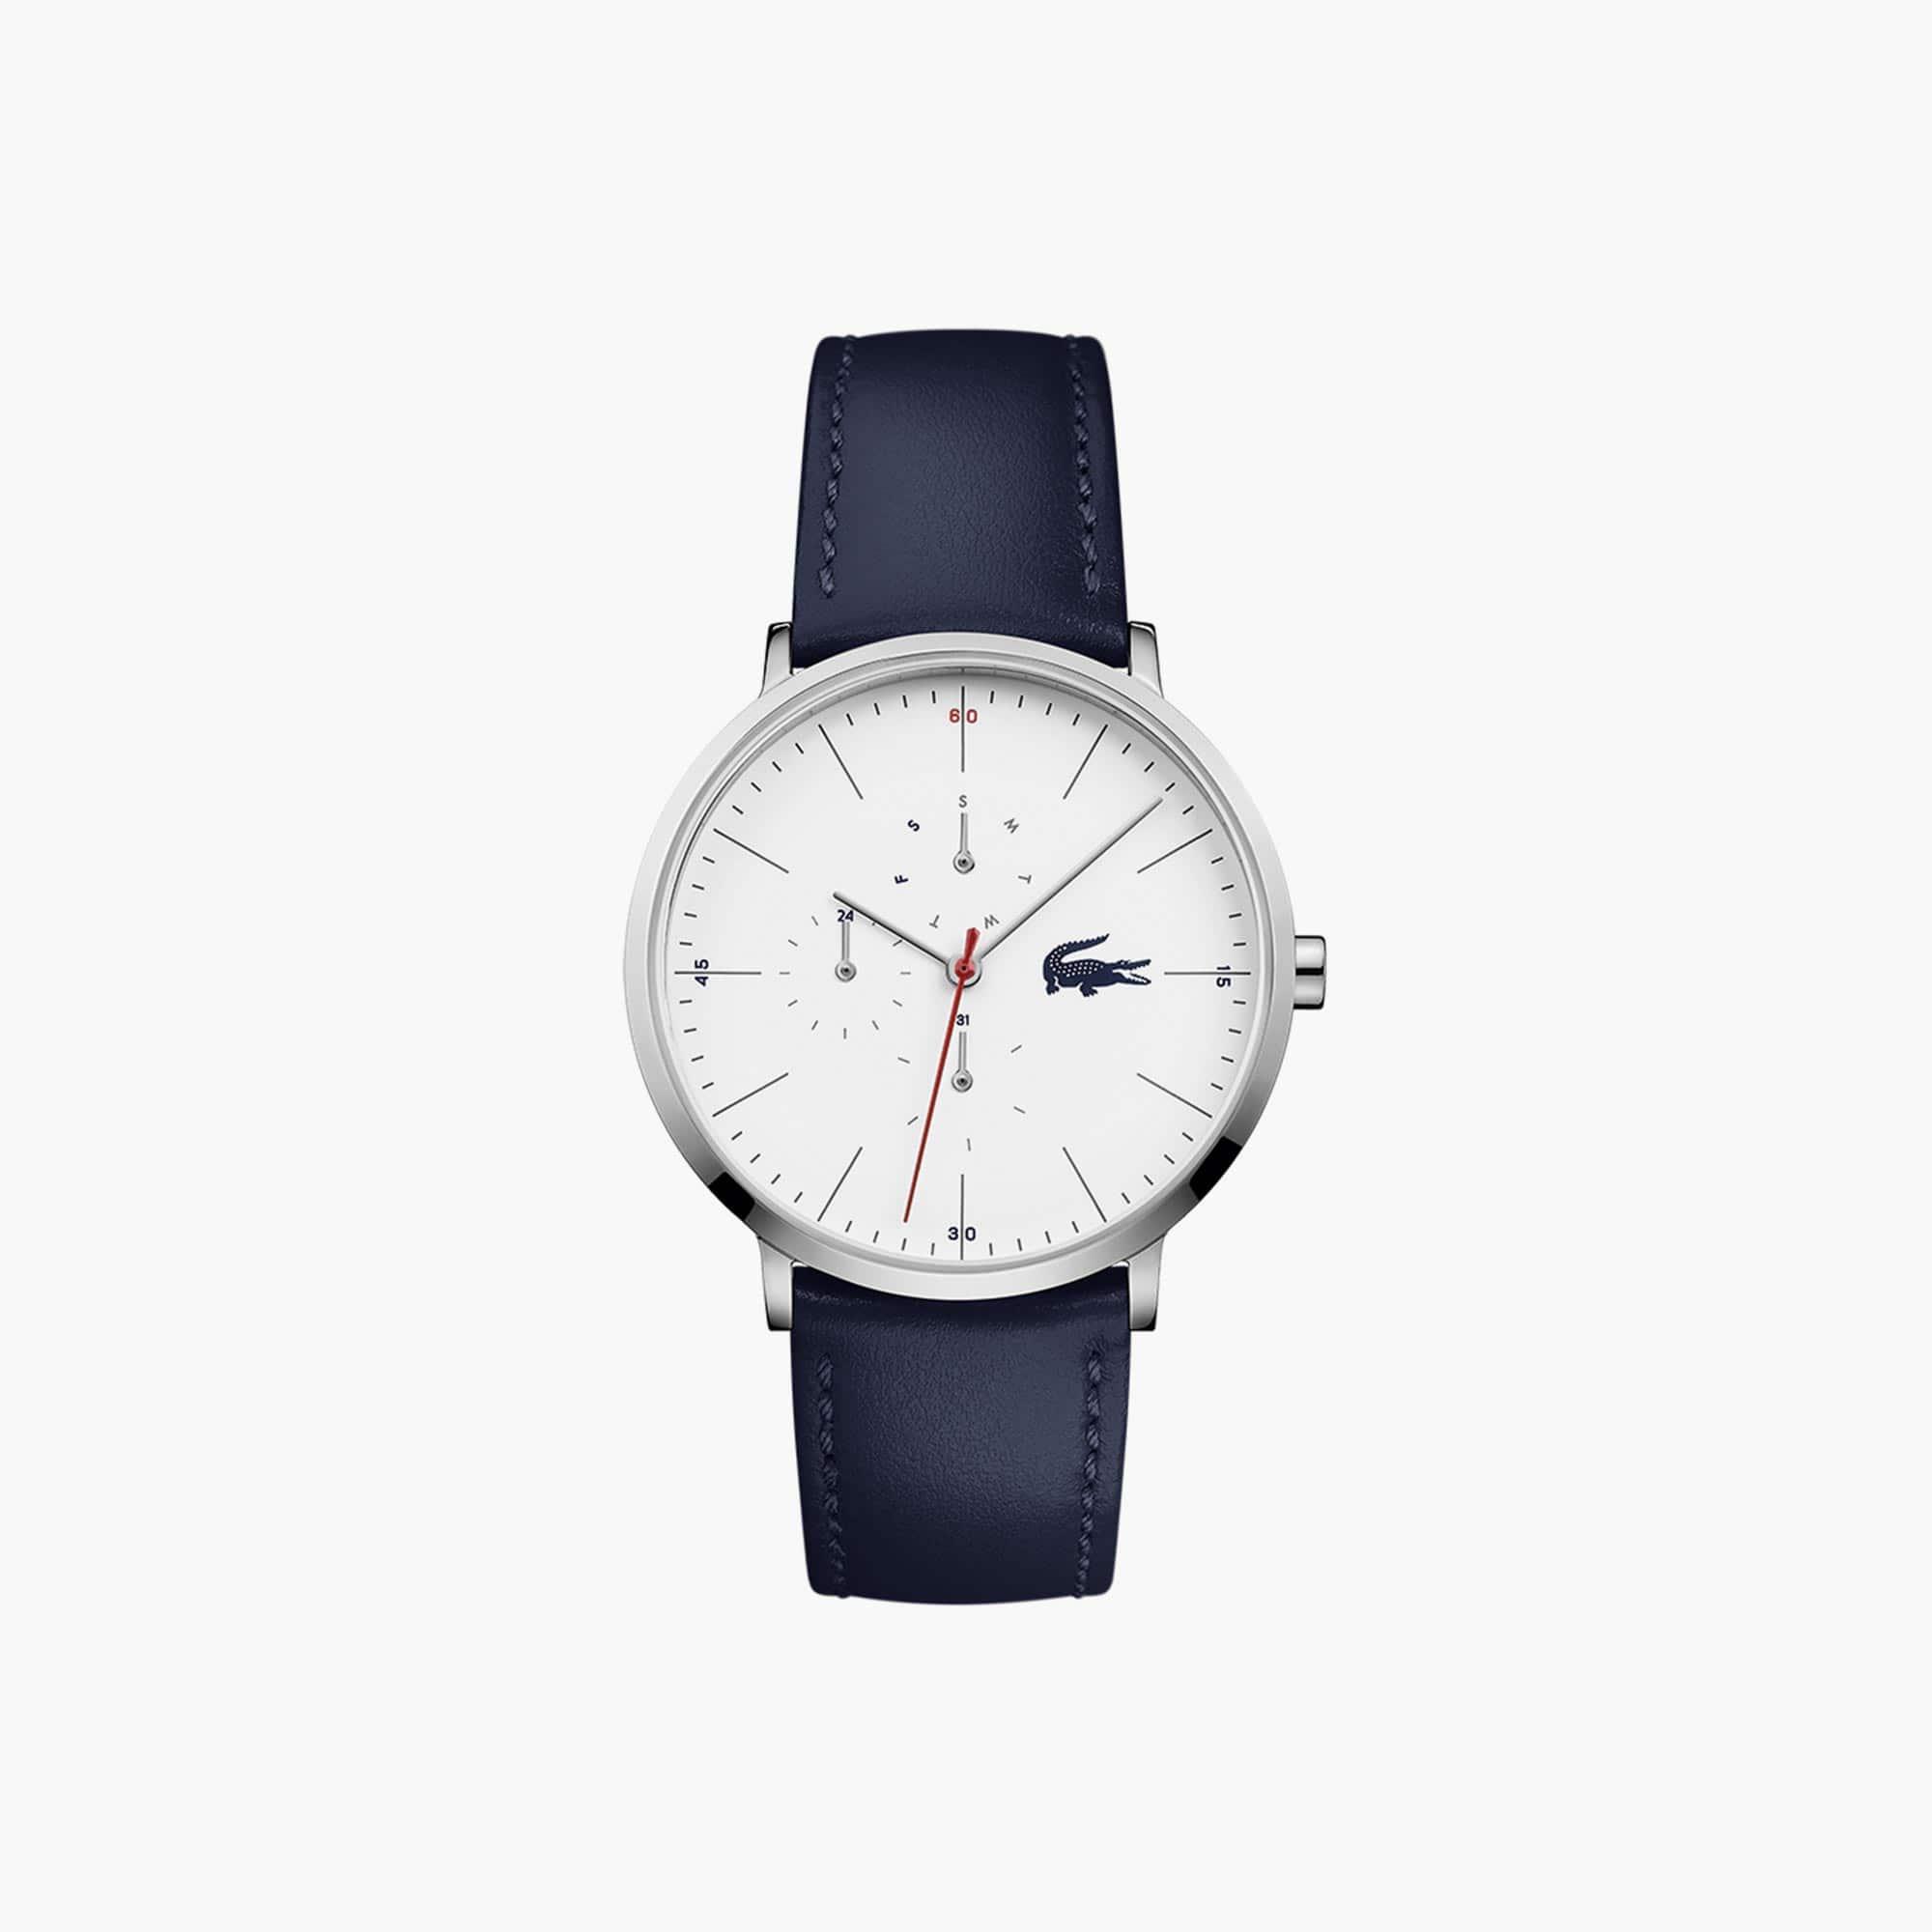 Reloj de Hombre Moon Multifunción Ultrafino con Correa de Piel Azul